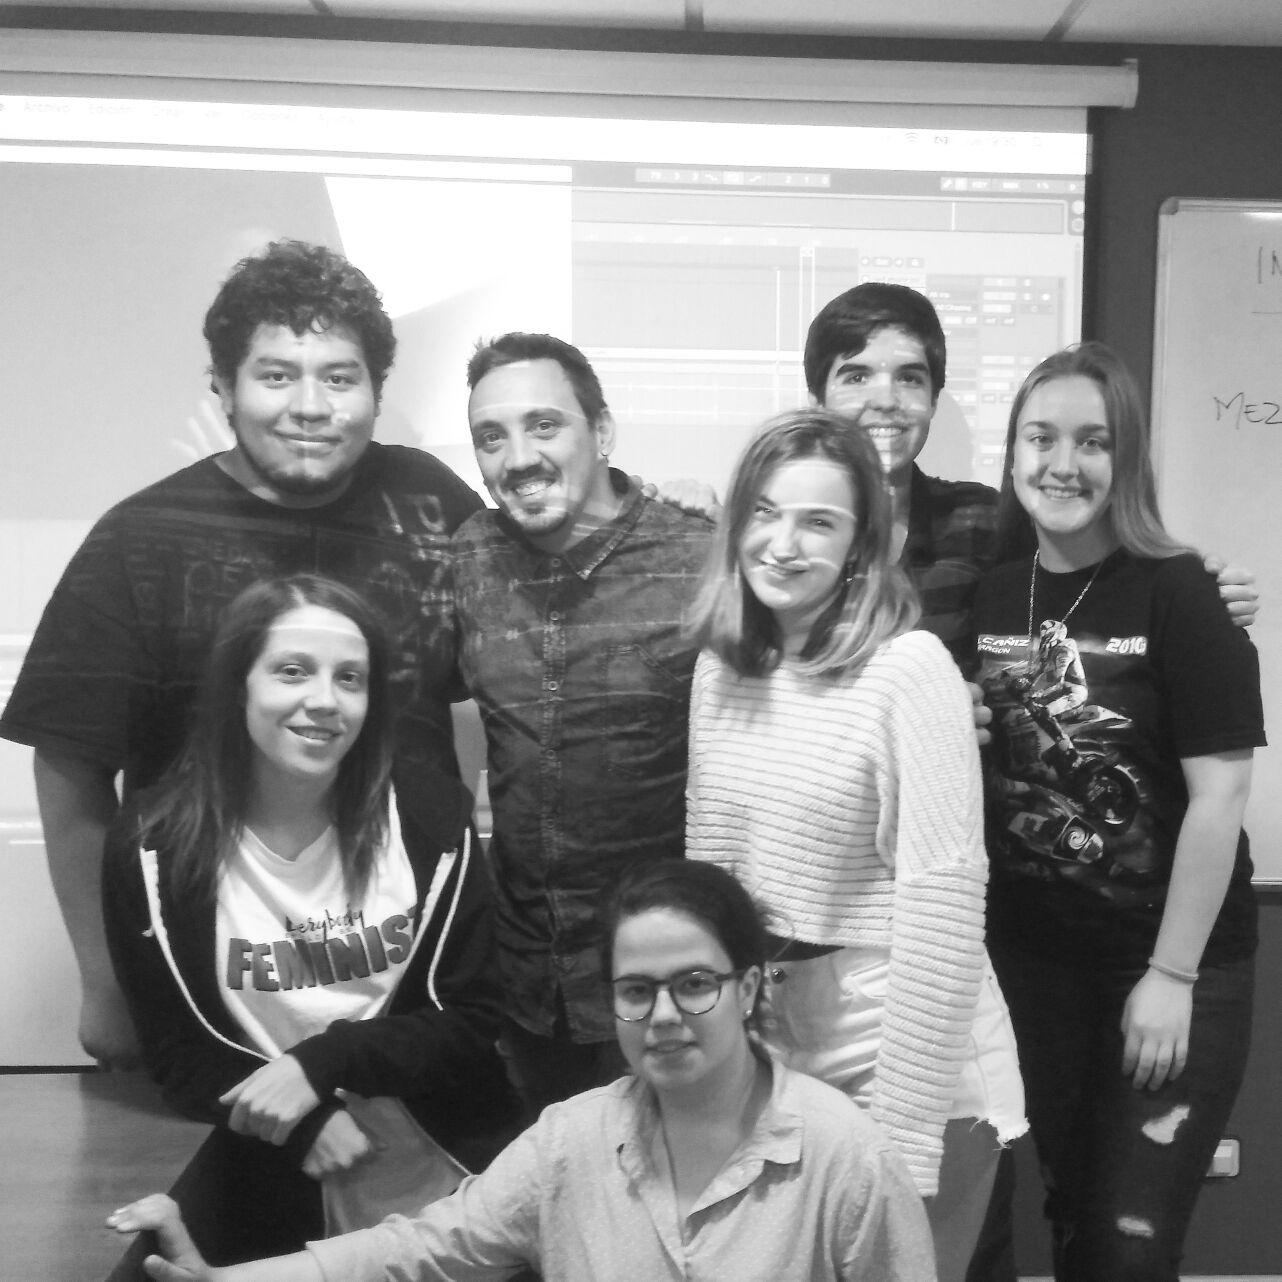 Iván Picazo con alumnos del curso de sonido audiovisual.